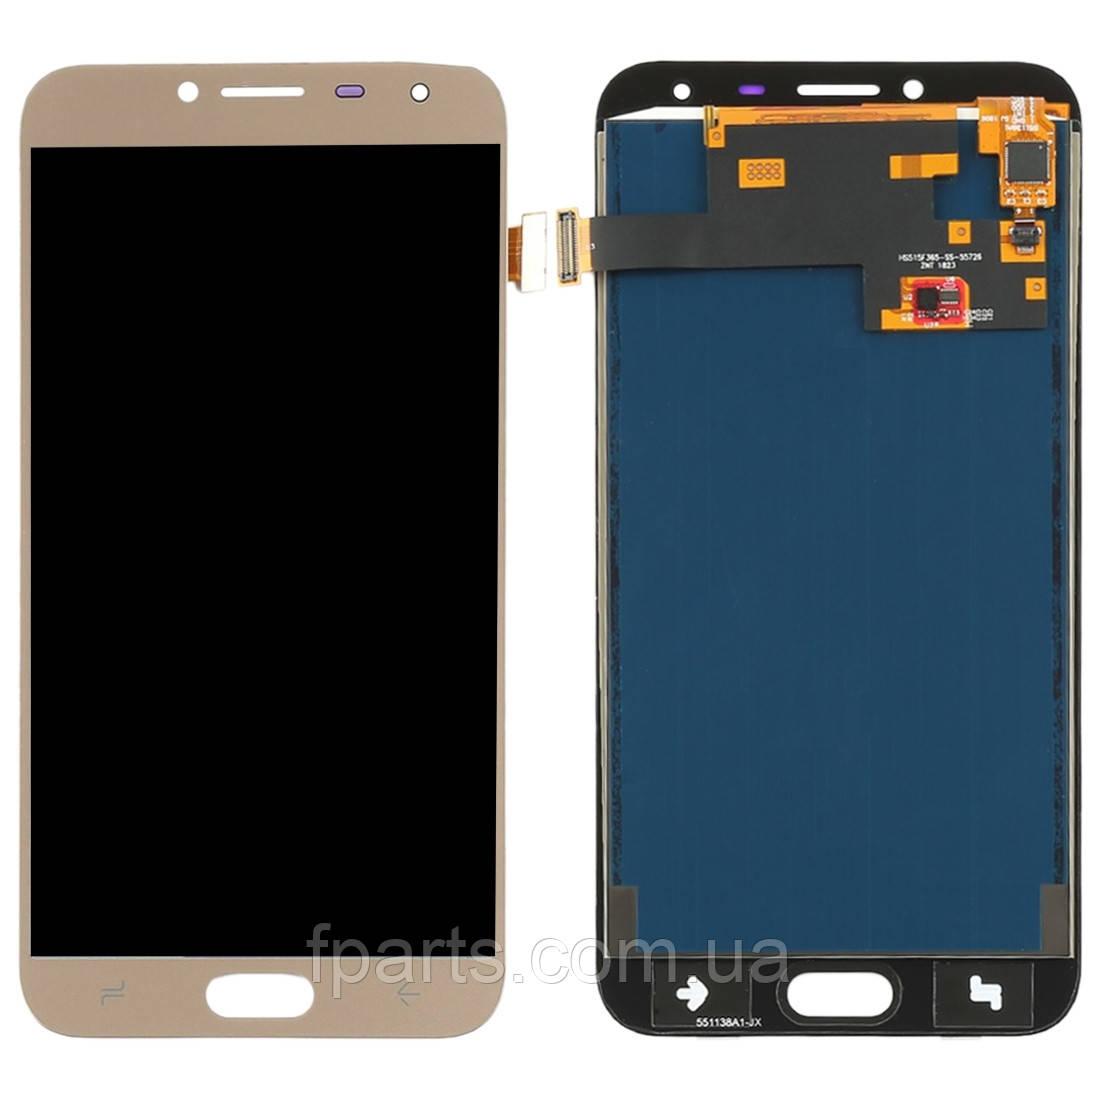 Дисплей для Samsung J400 Galaxy J4 2018 с тачскрином, Gold (TFT)